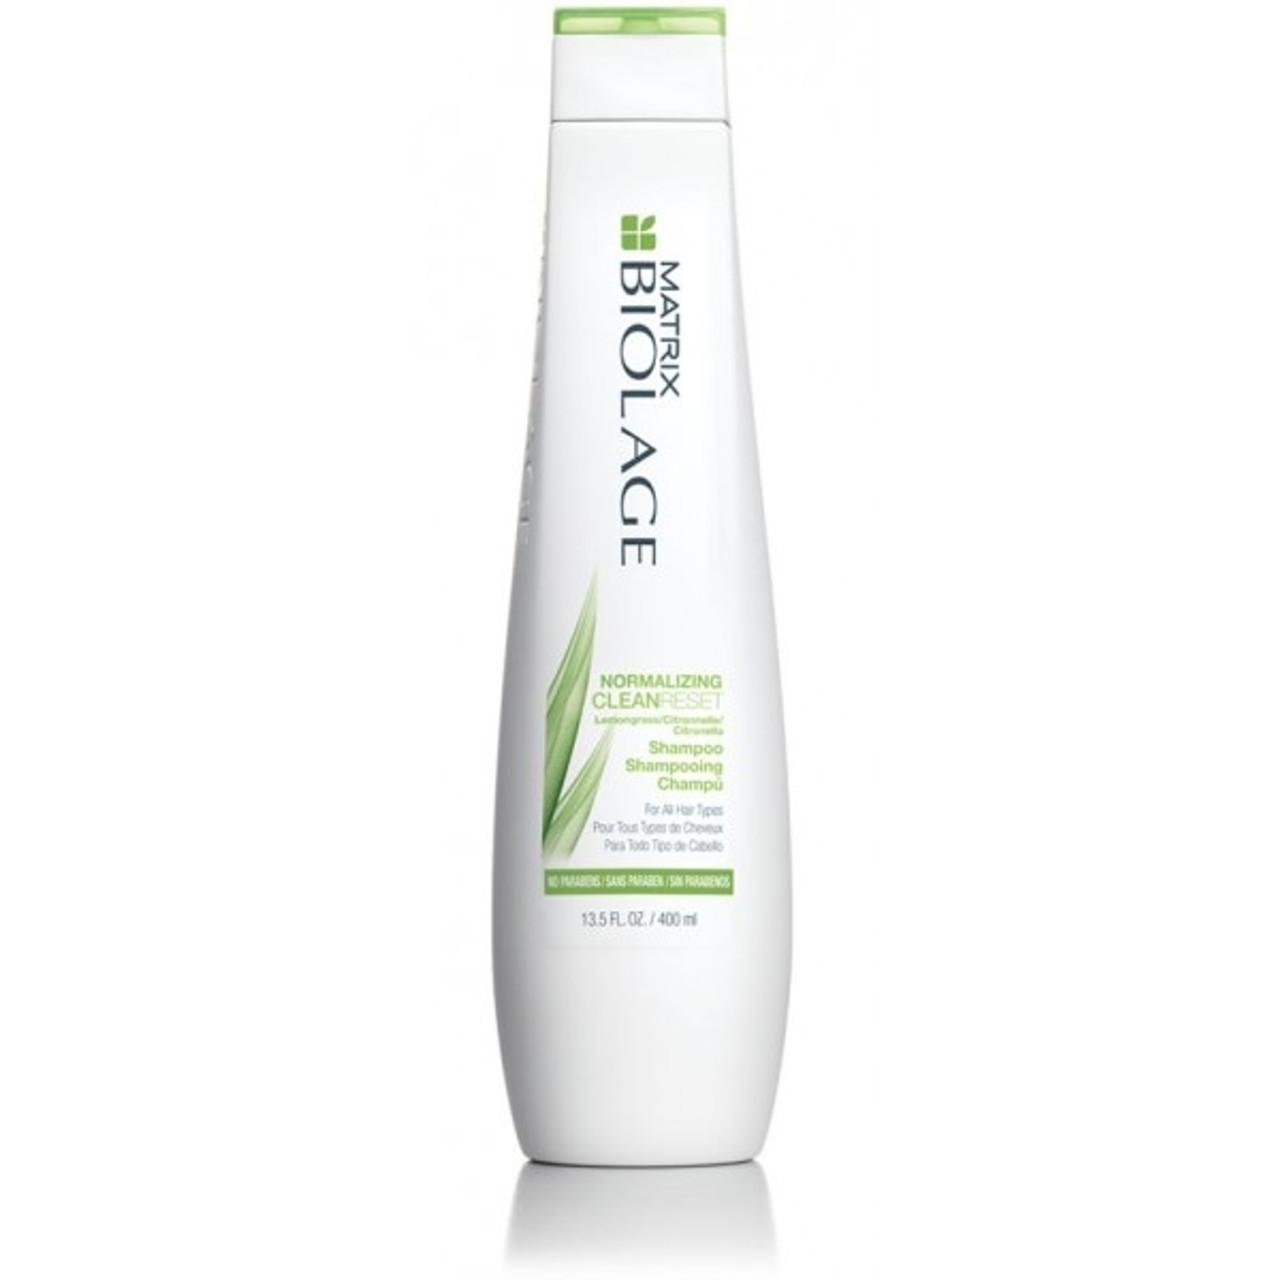 Biolage Normalizing Shampoo 13.5 oz